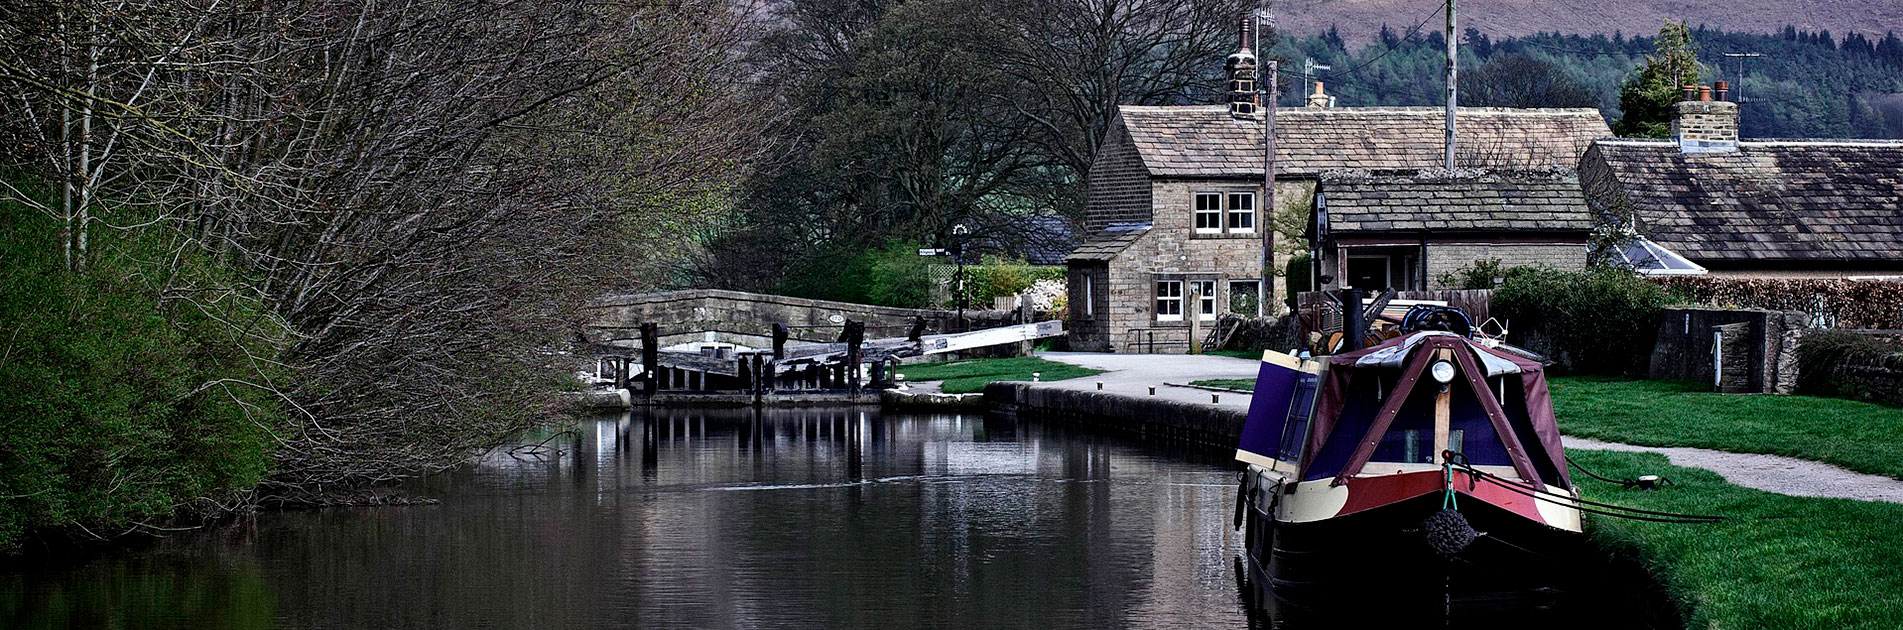 Lock in the Leeds area